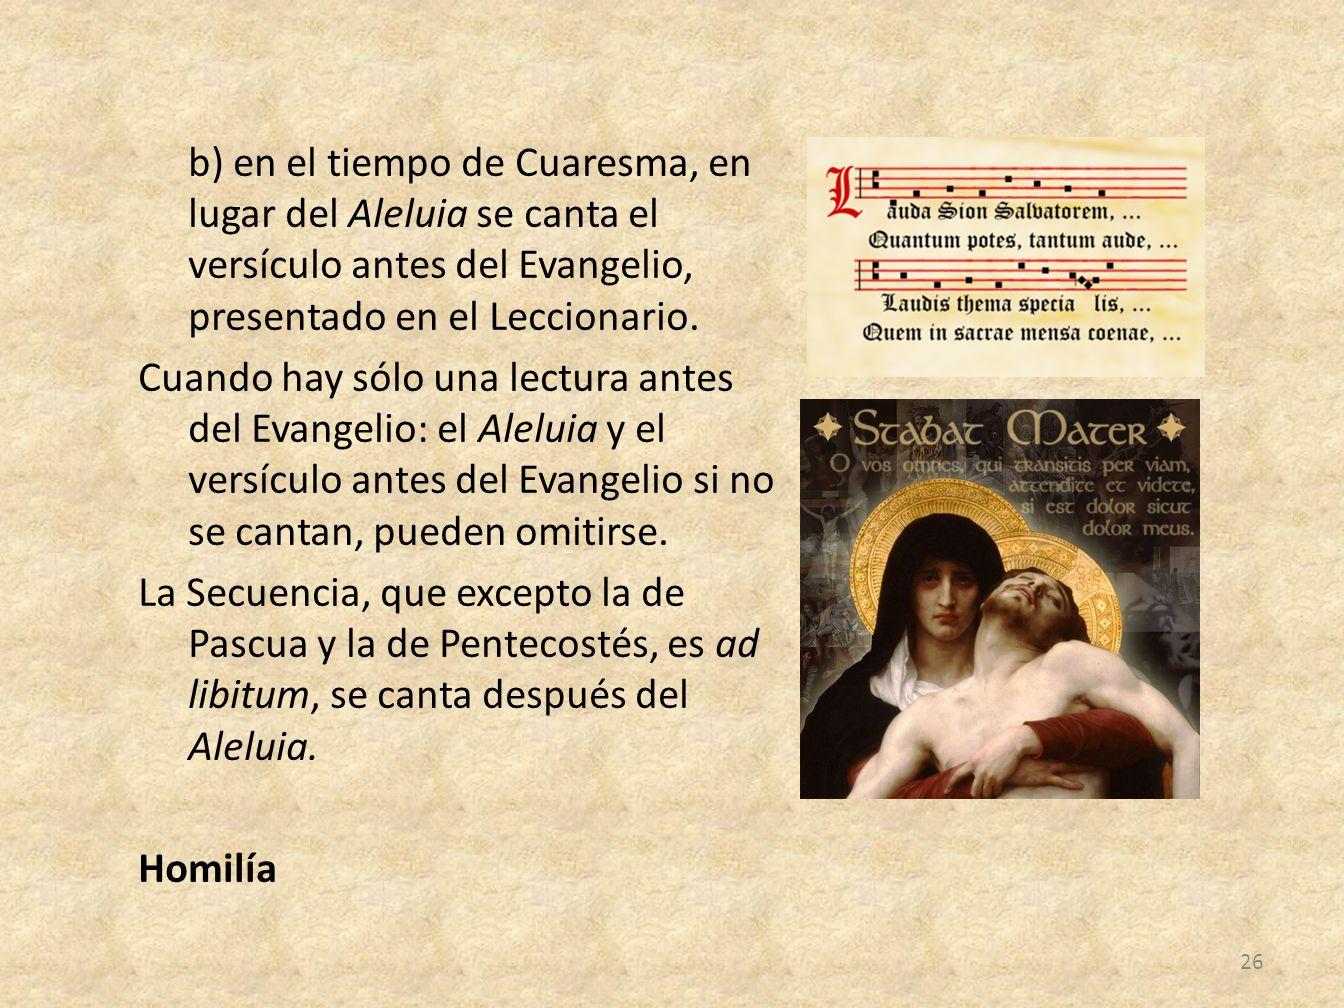 b) en el tiempo de Cuaresma, en lugar del Aleluia se canta el versículo antes del Evangelio, presentado en el Leccionario. Cuando hay sólo una lectura